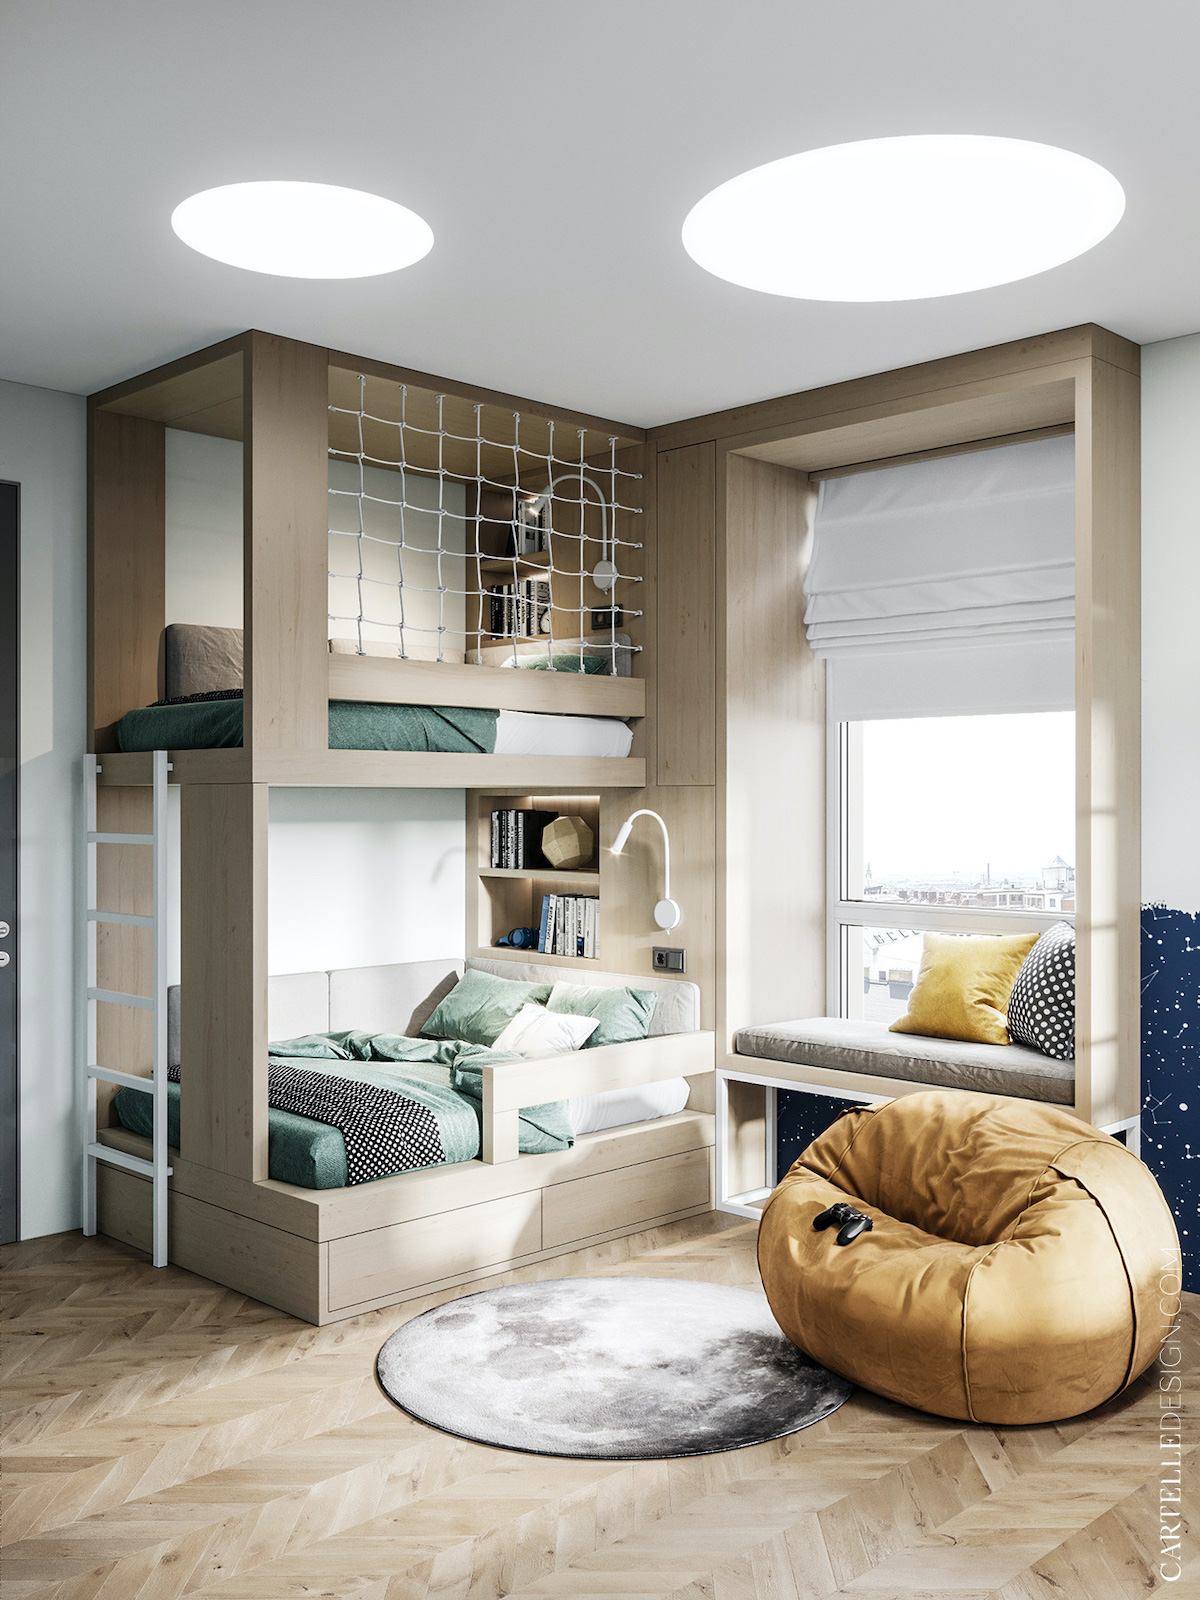 lit superposé effet cabane chambre déco gris bois vert